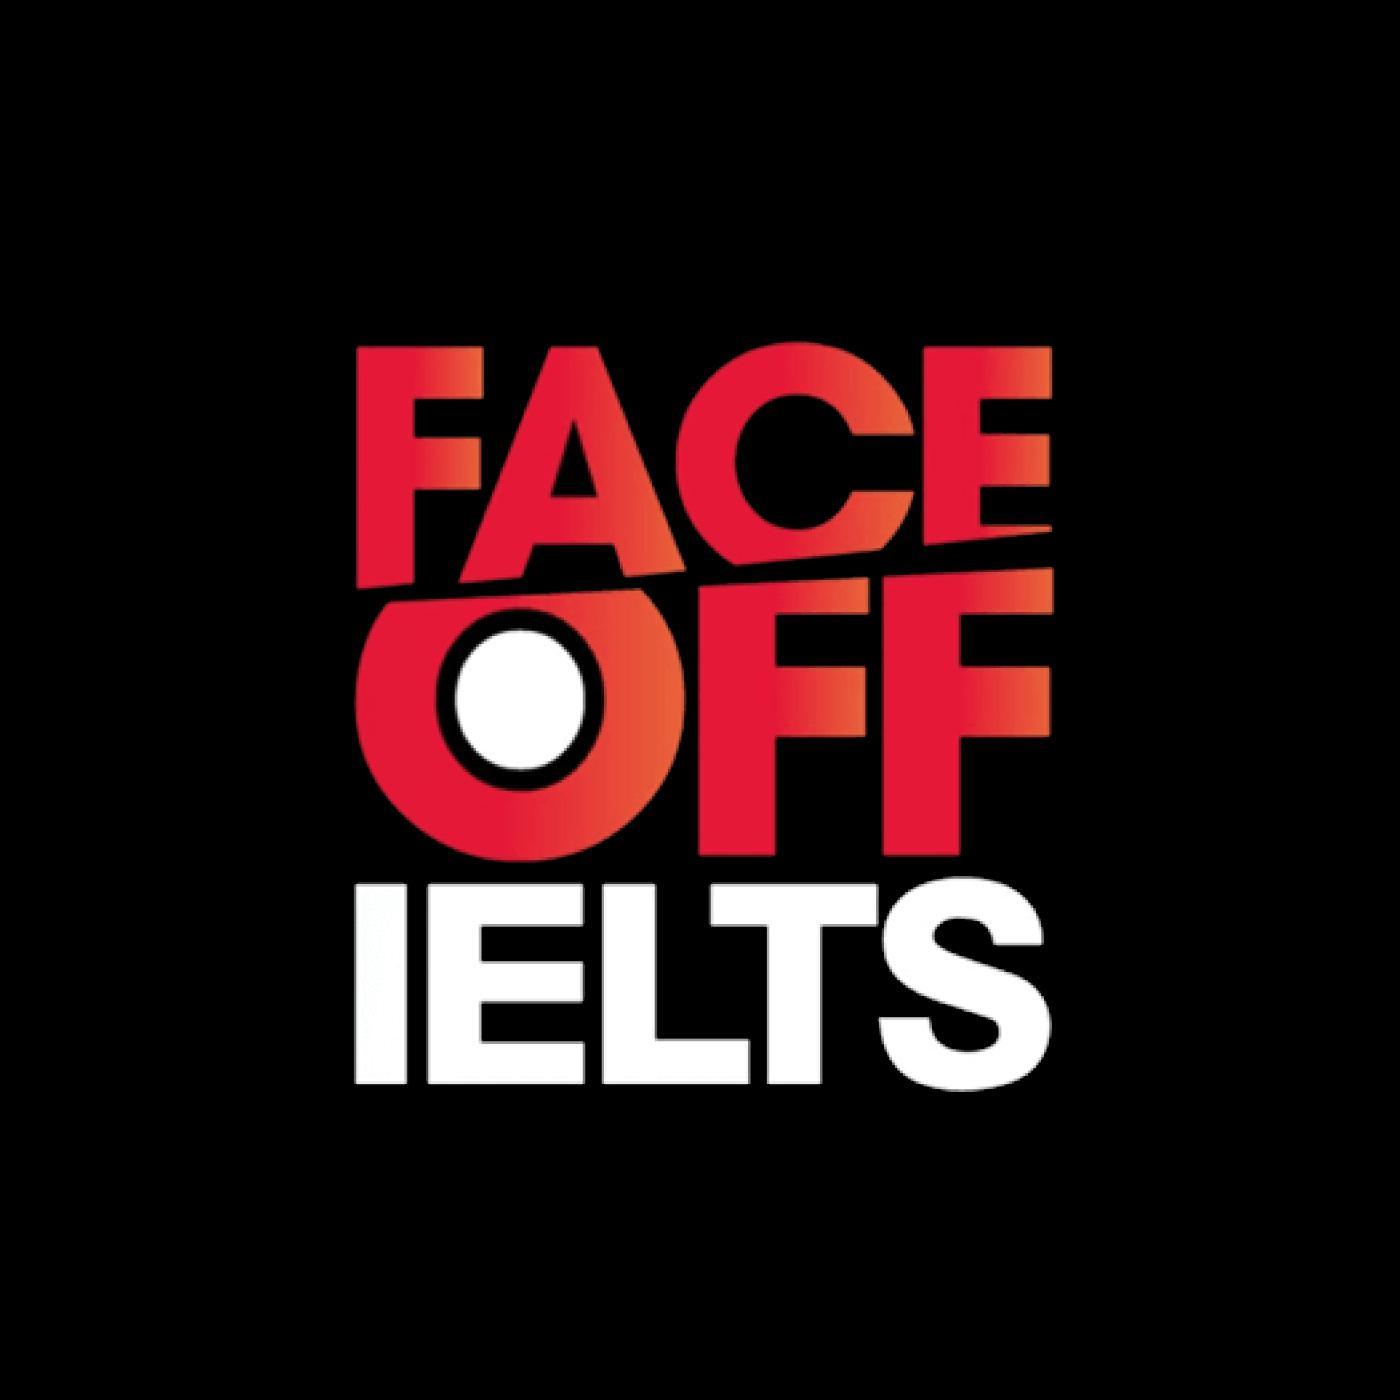 Face Off là gì và cấu trúc cụm từ Face Off trong câu Tiếng Anh